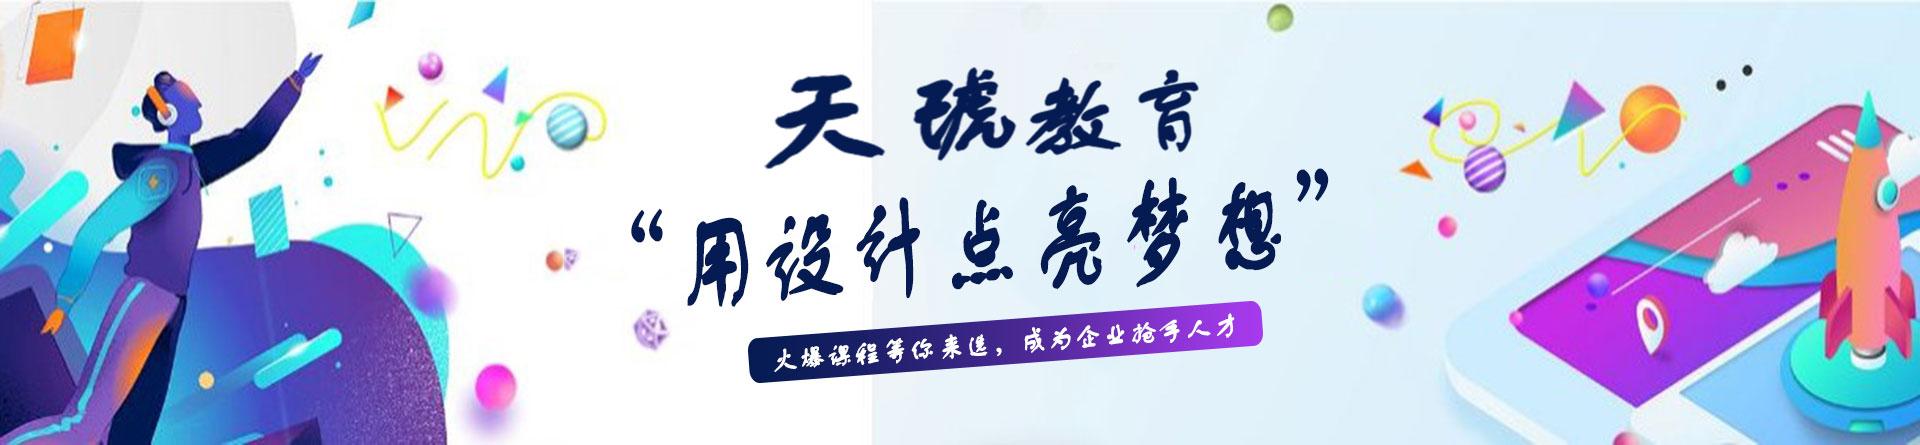 郑州天琥设计